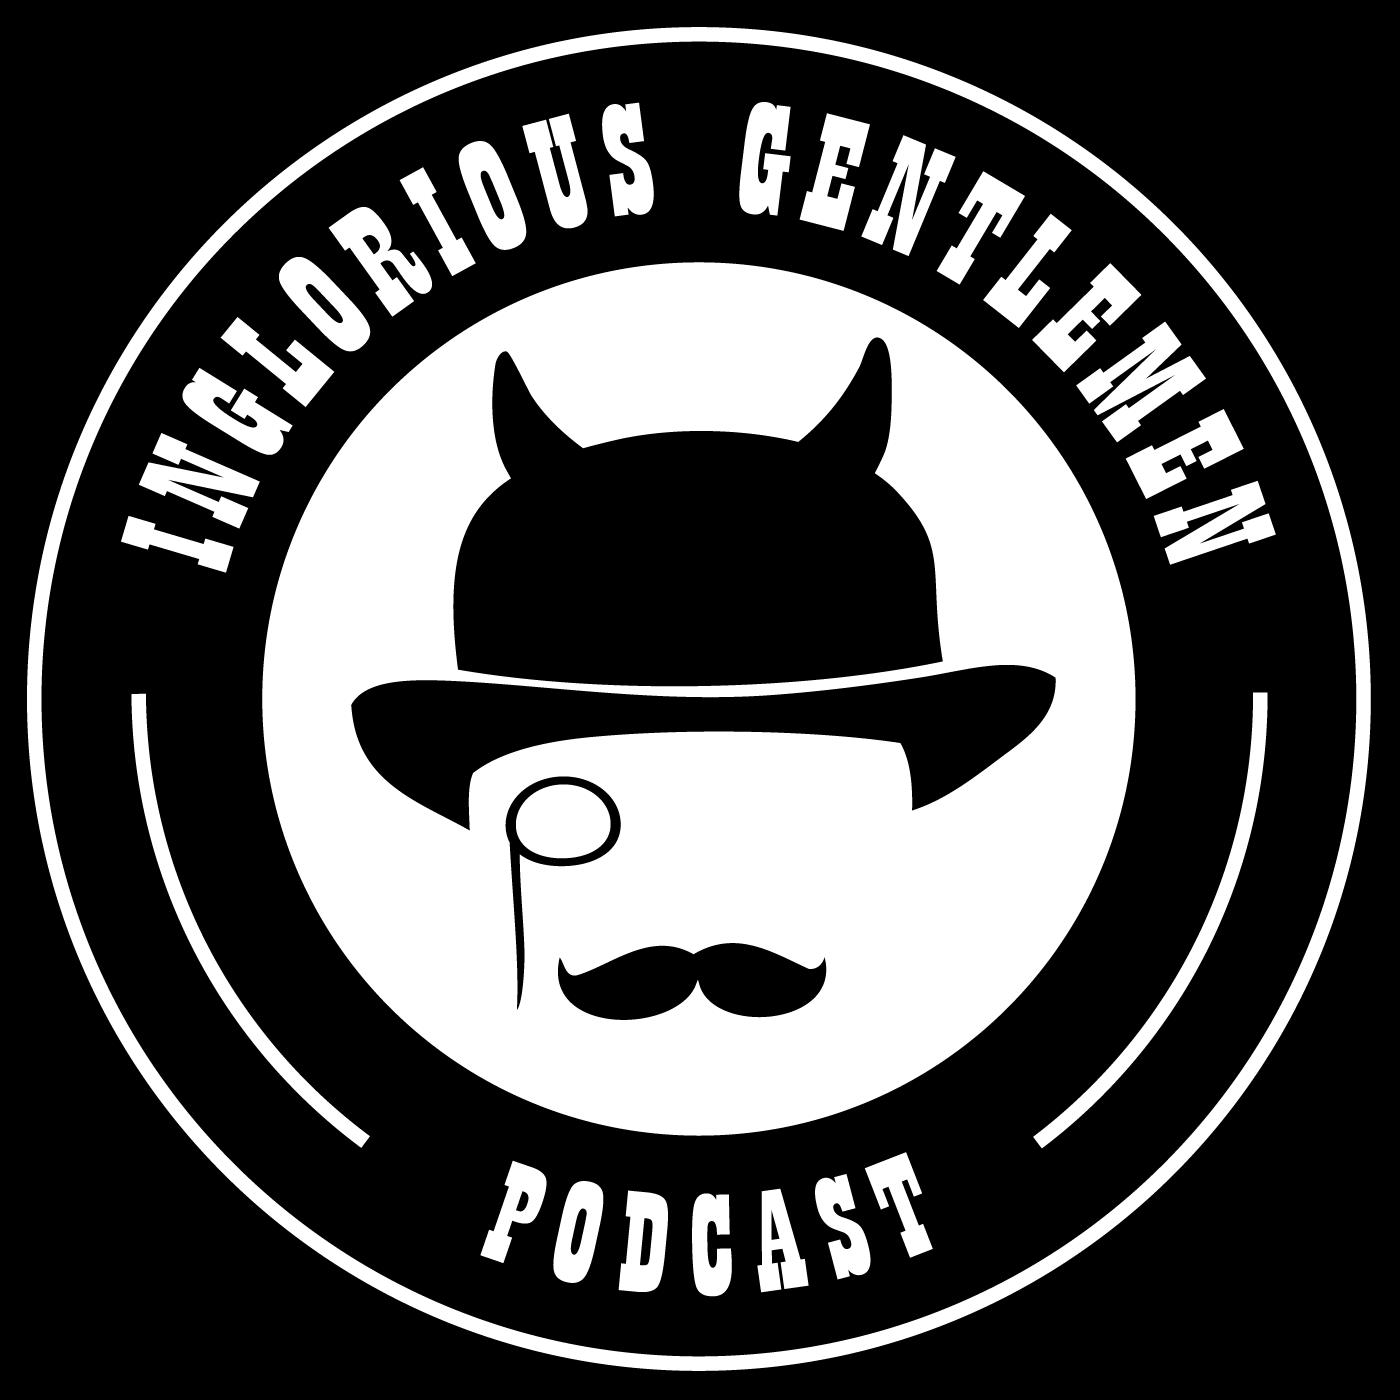 Inglorious Gentlemen Podcast